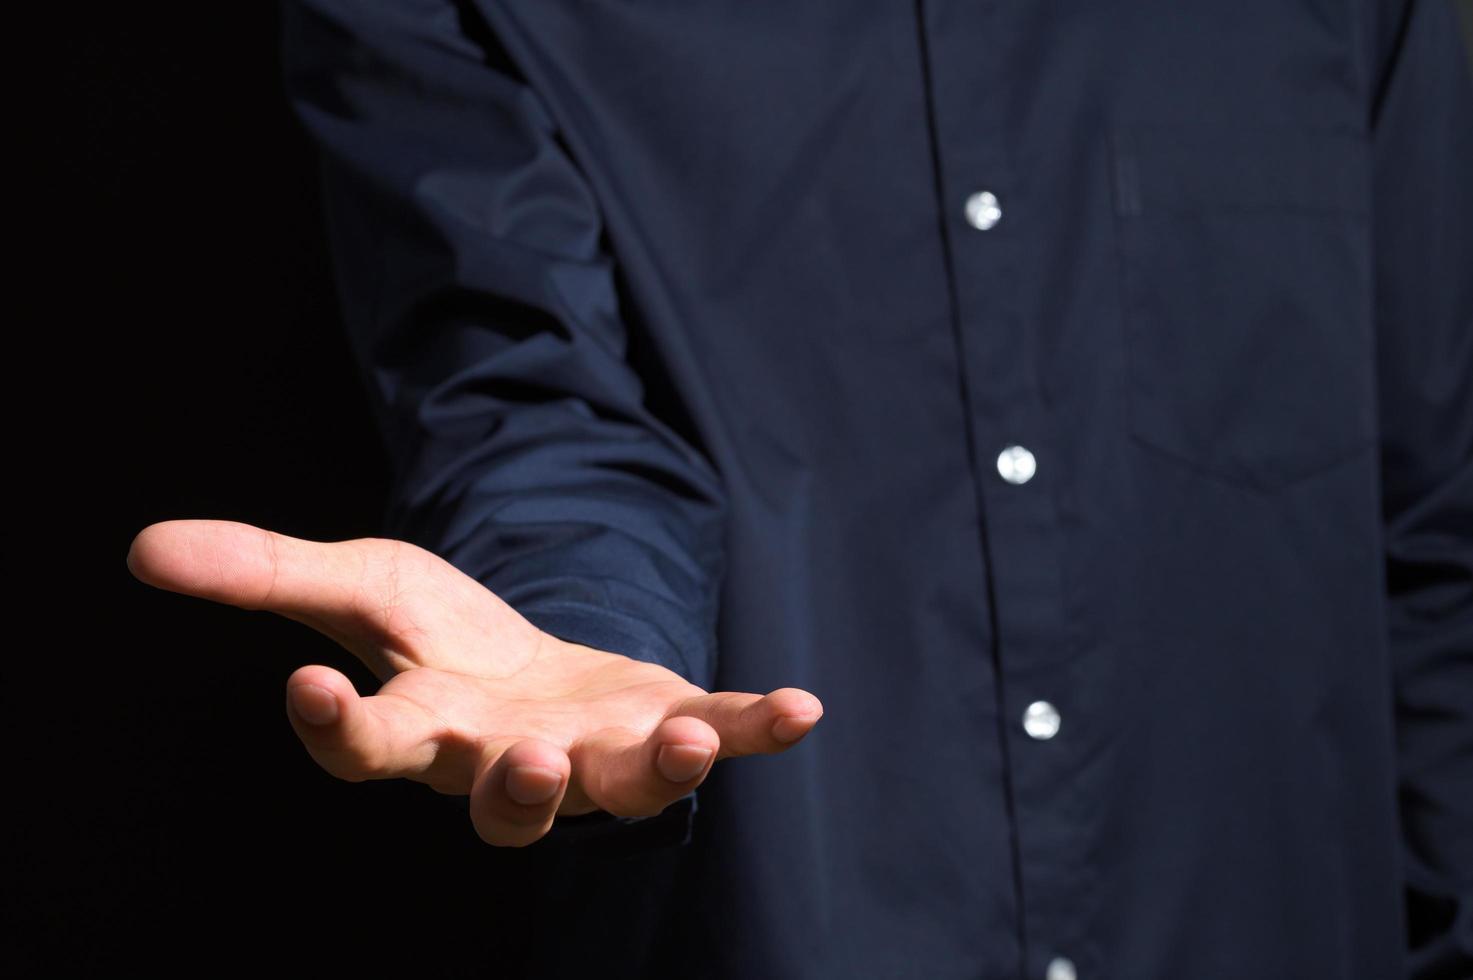 homem estendendo a mão foto